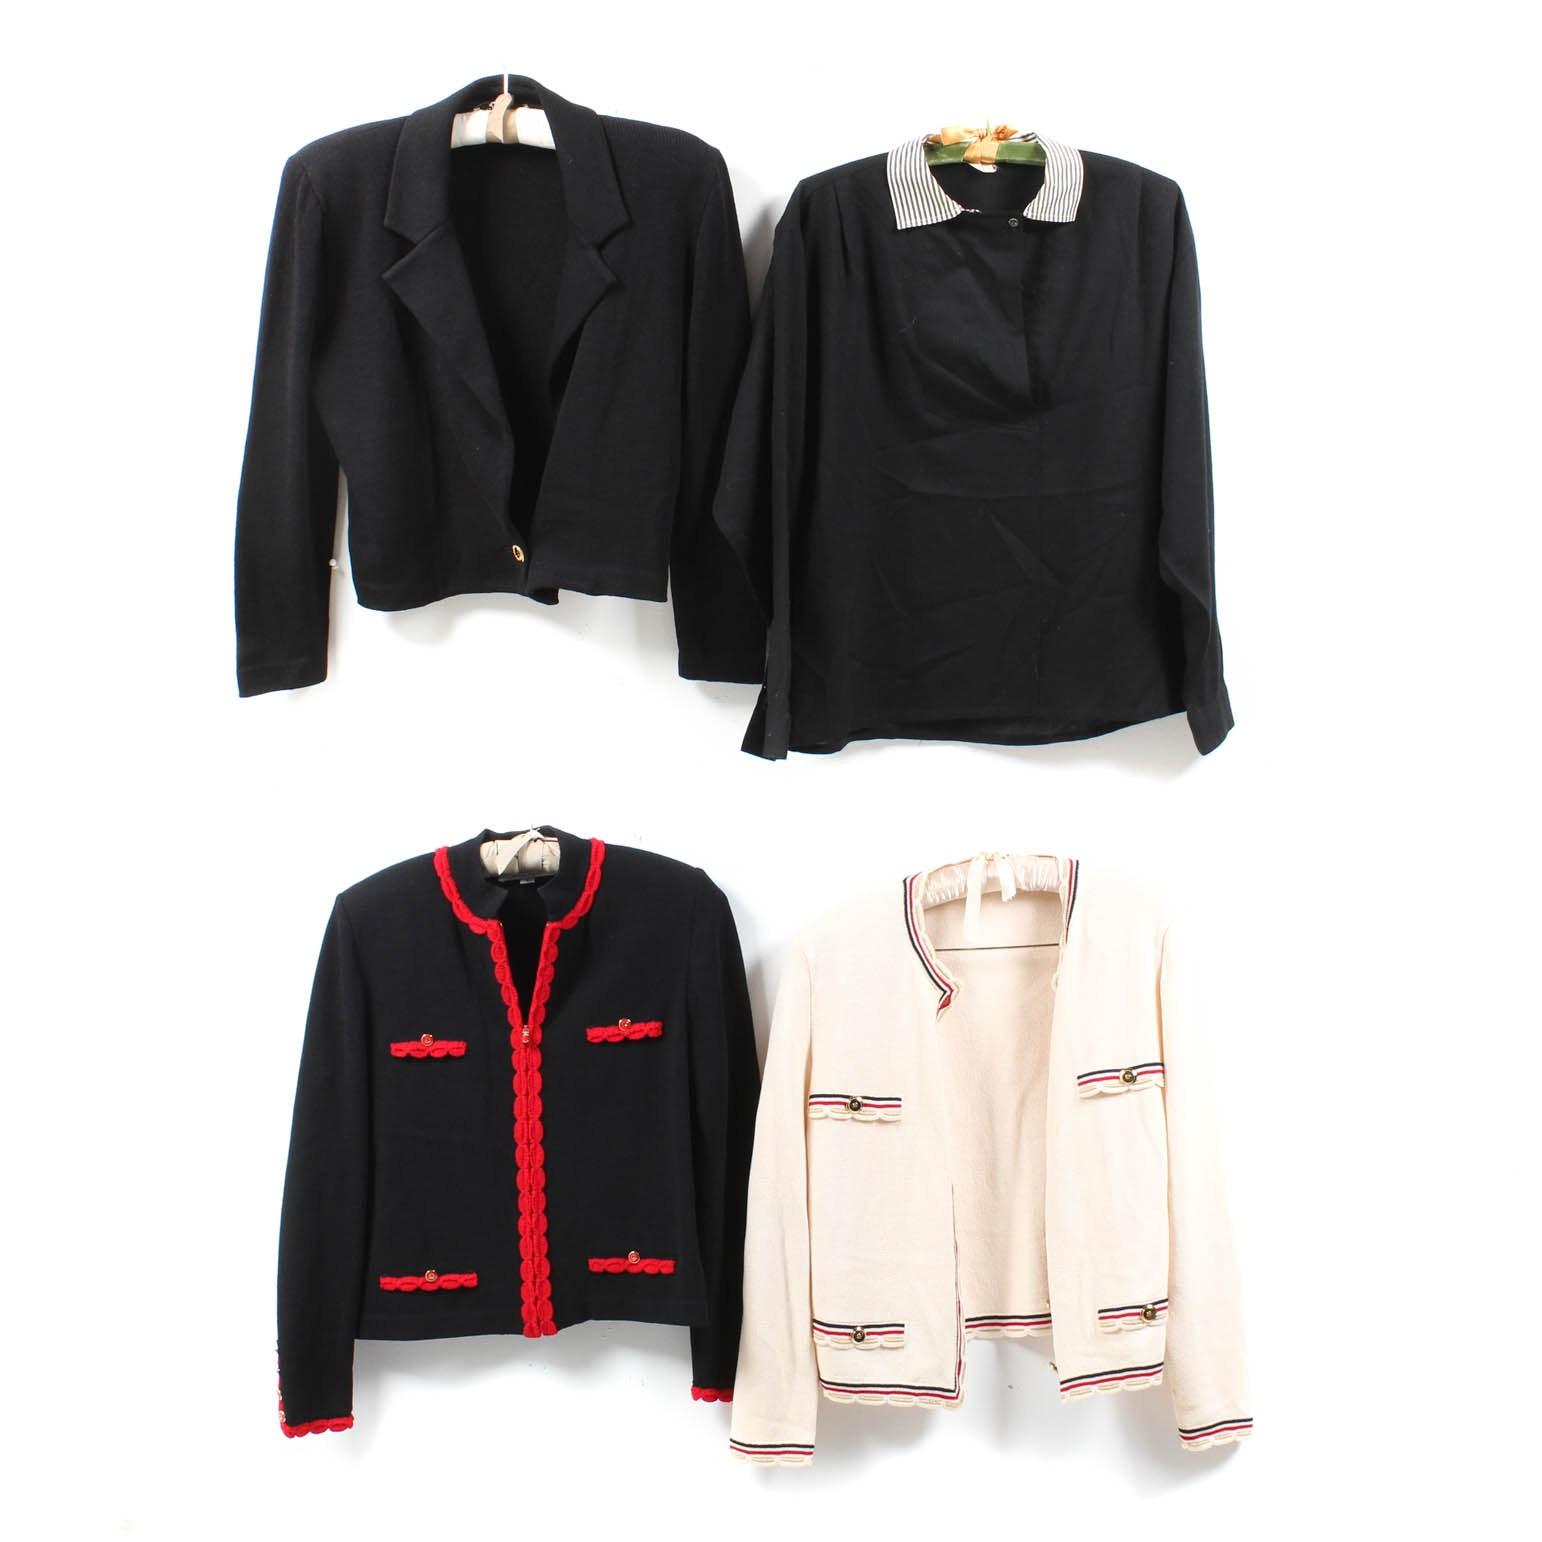 Women's St. John Brand Clothing